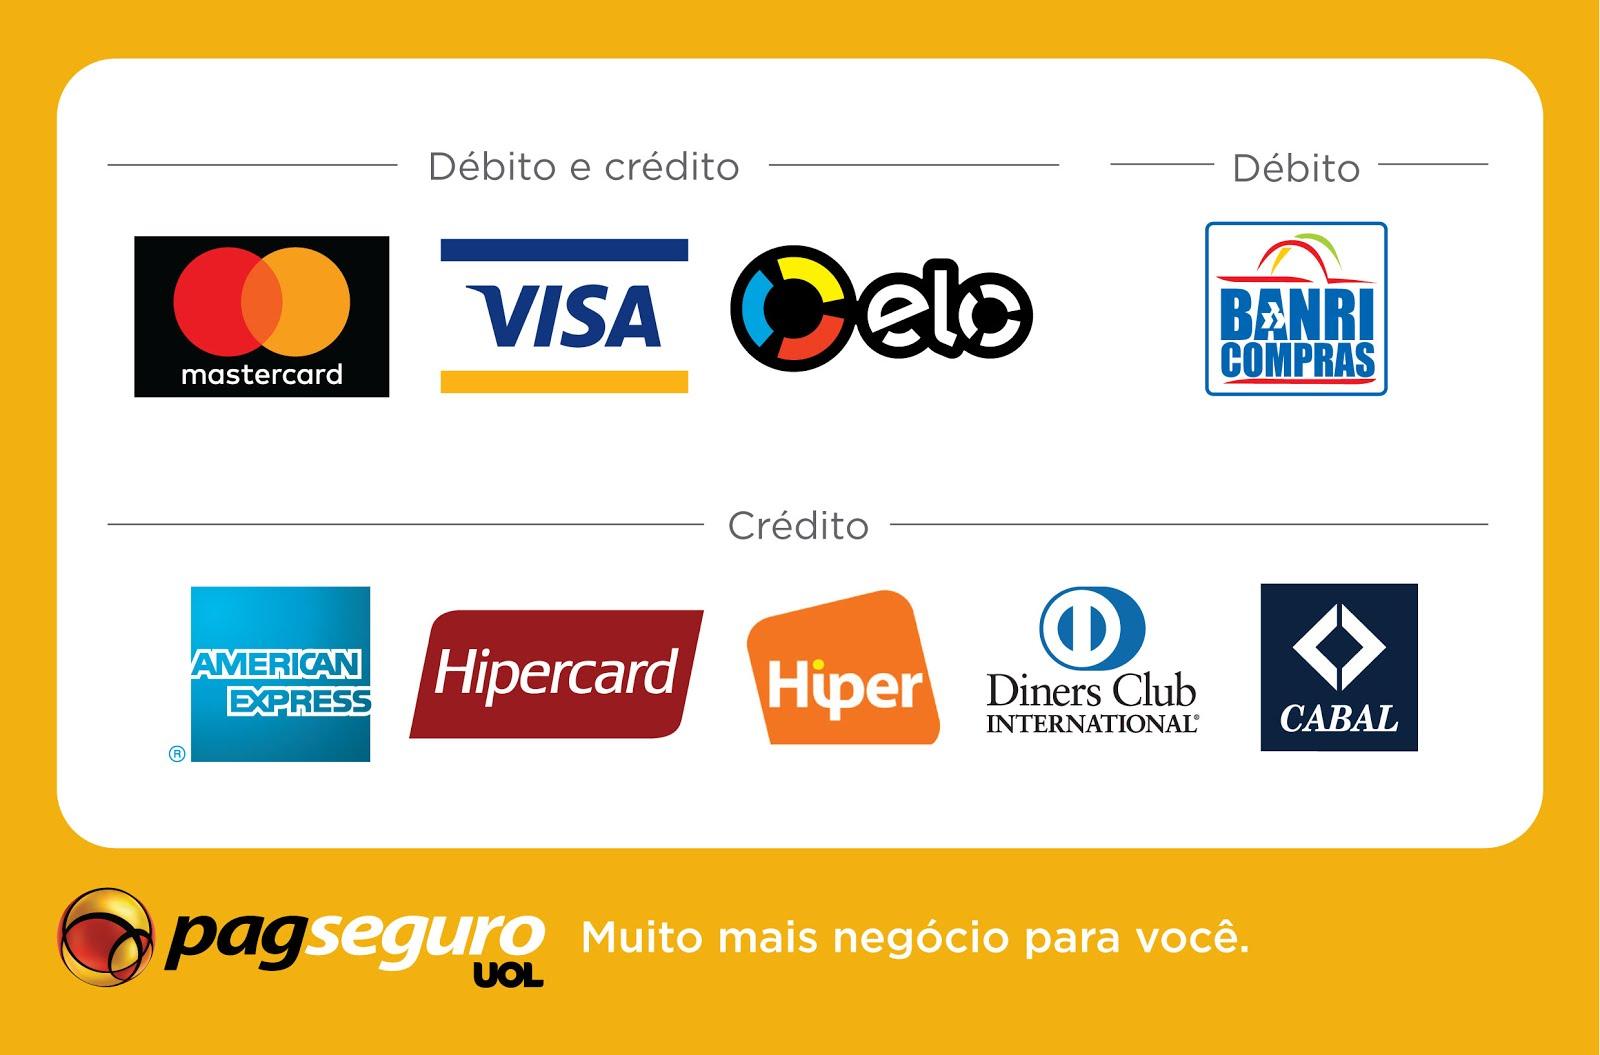 Acréscimo de R$10,00 no crédito ou débito